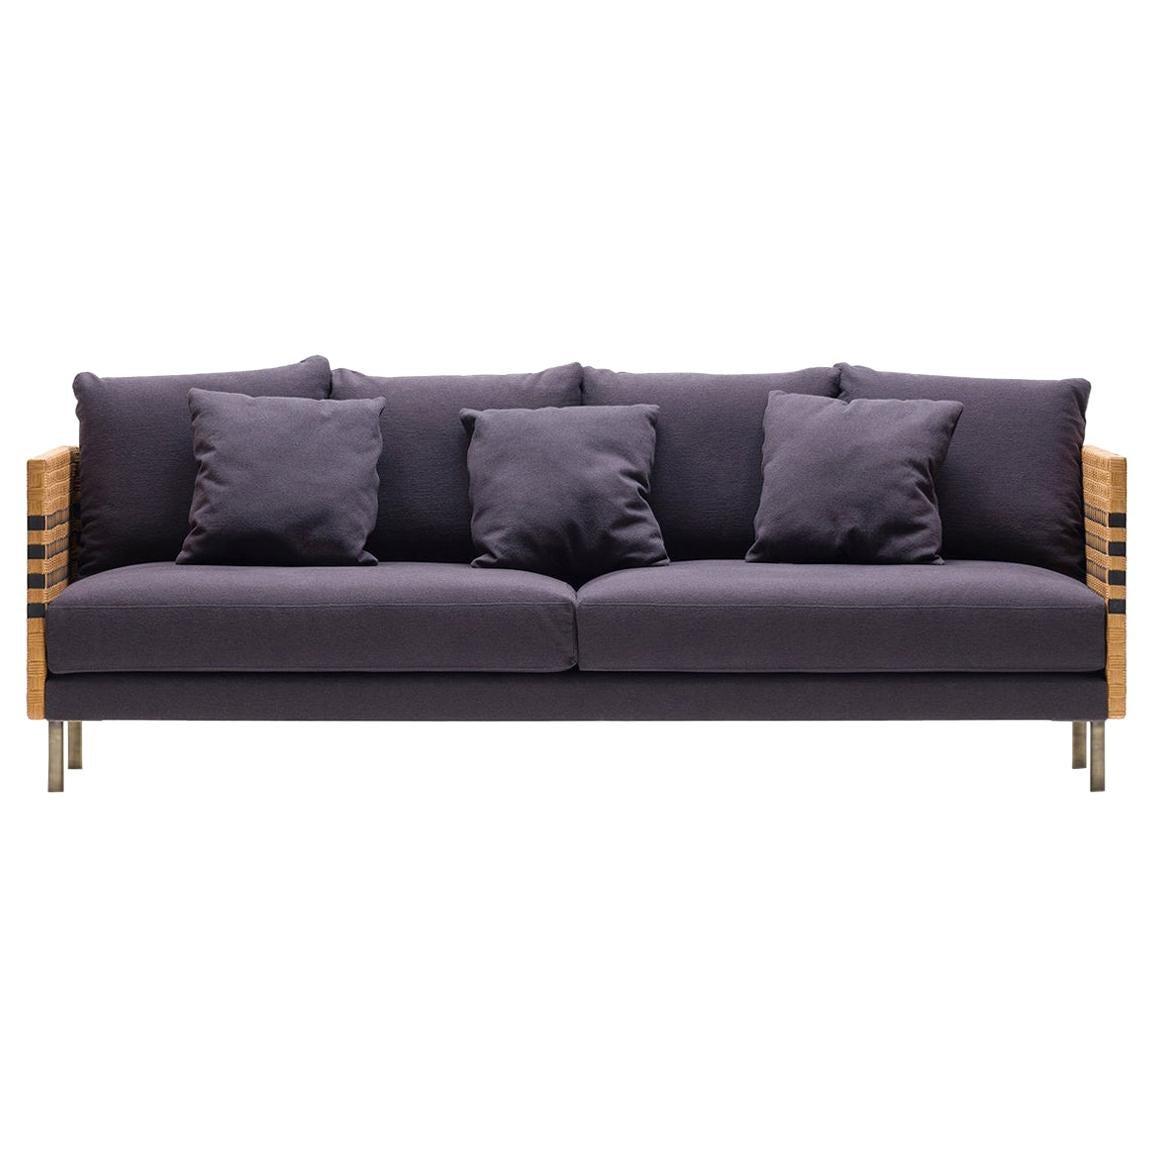 Bottega Intreccio Milli 240 Two Extra Seats Woven Wicker 21st Century Sofa